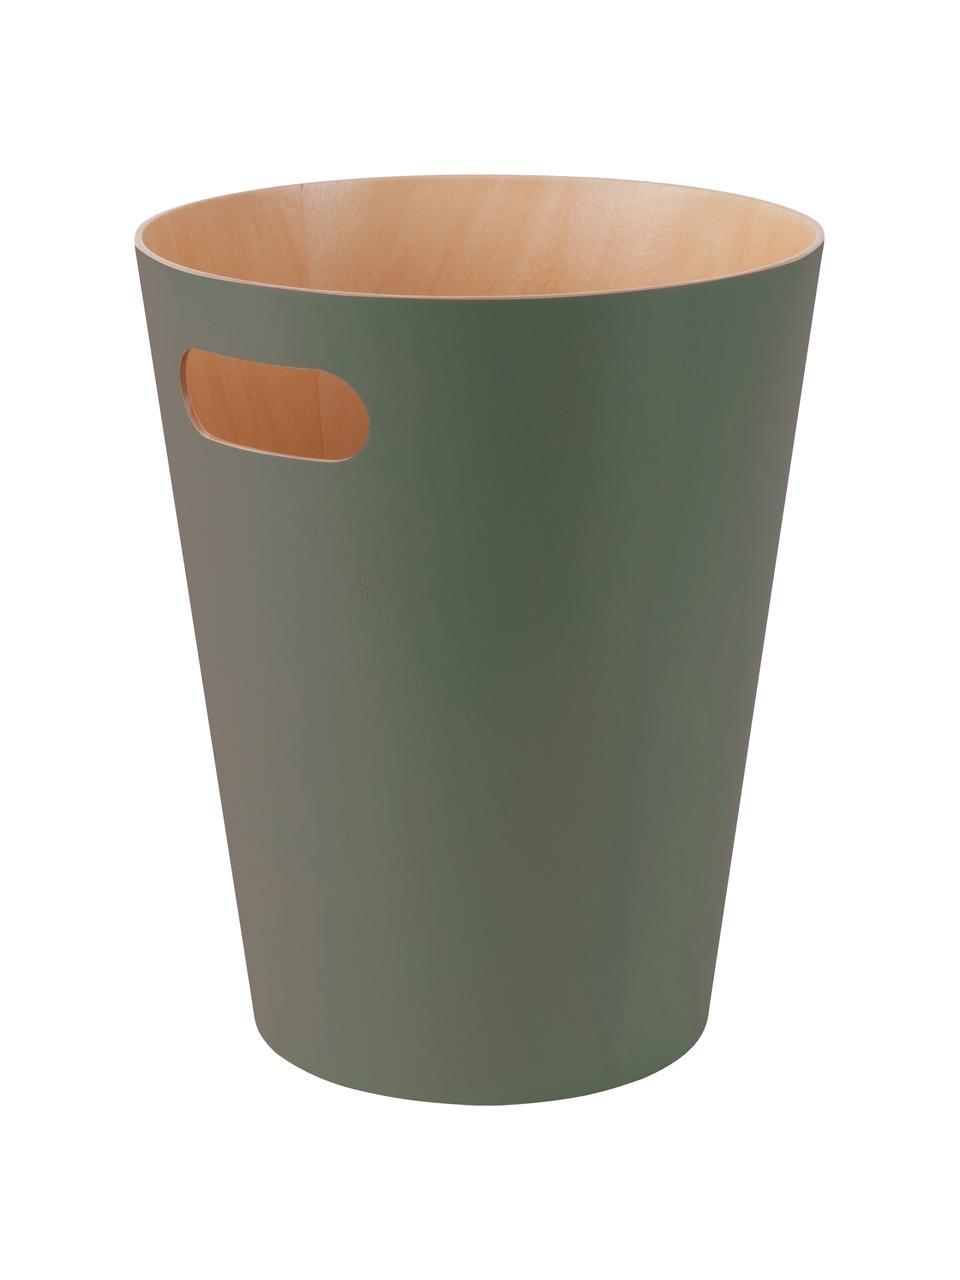 XS Papierkorb Woodrow Can, Holz, lackiert, Olivgrün, Ø 23 x H 28 cm